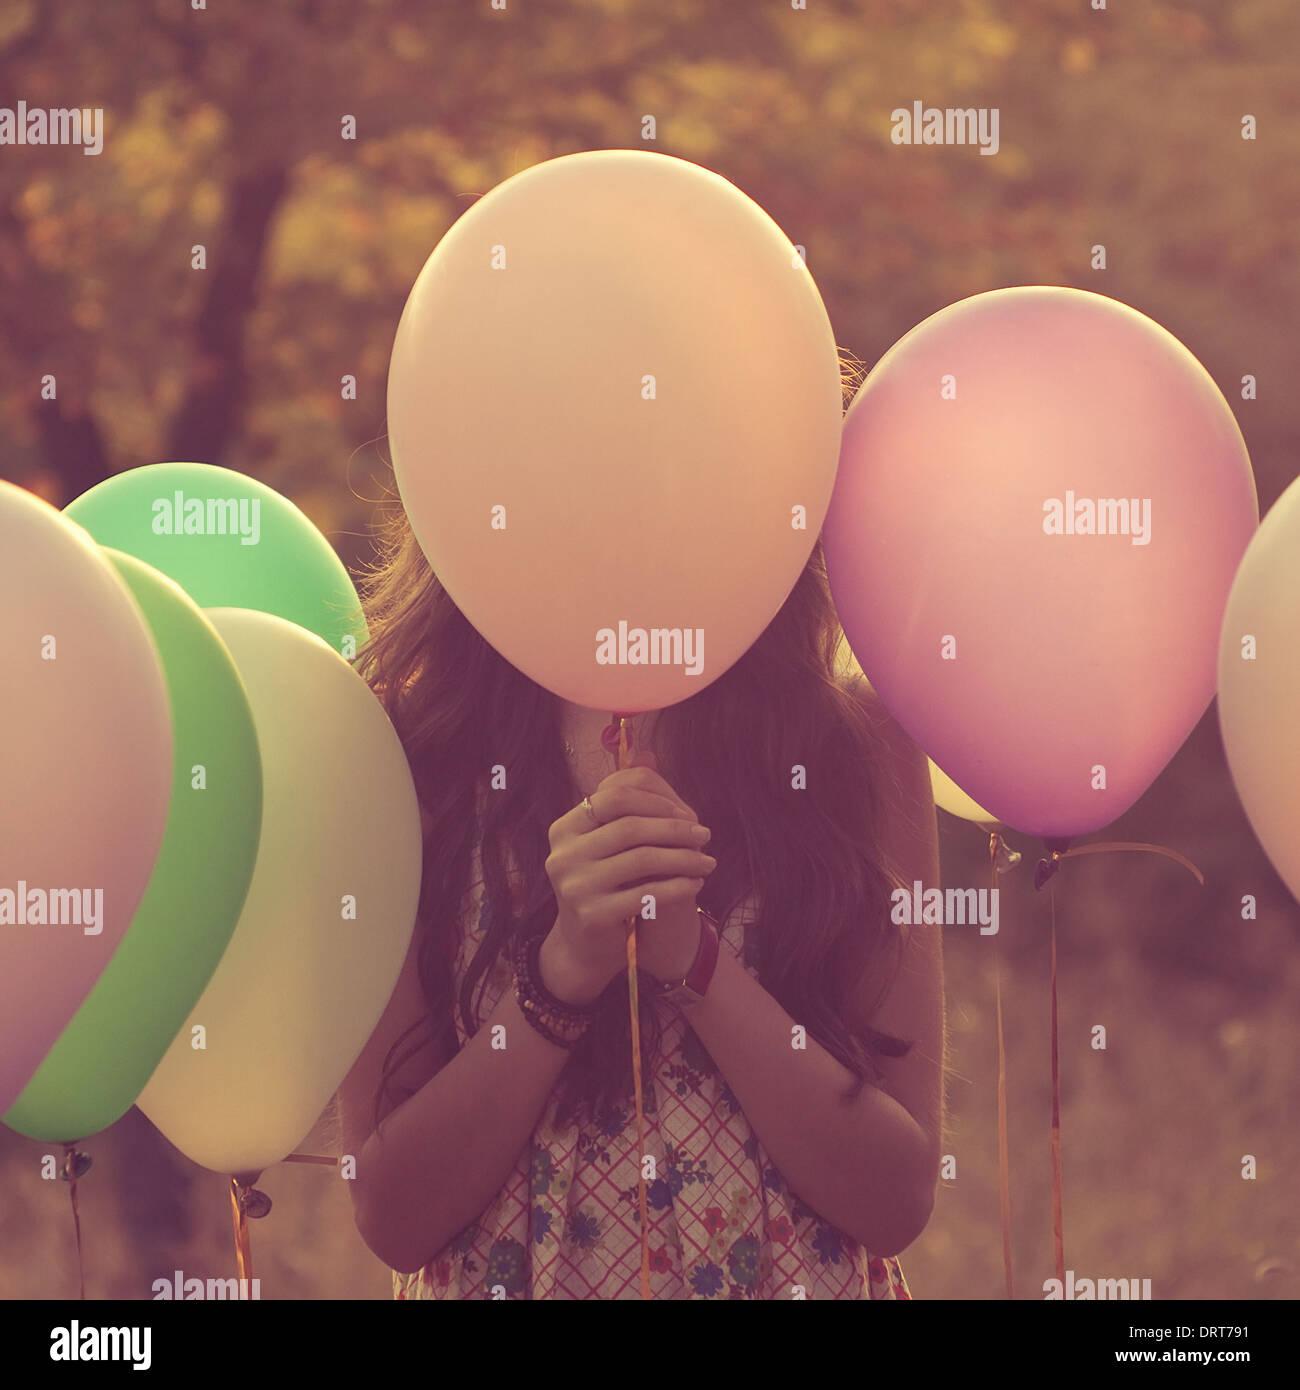 Chica se esconden detrás del globo. Retrato artístico Foto de stock